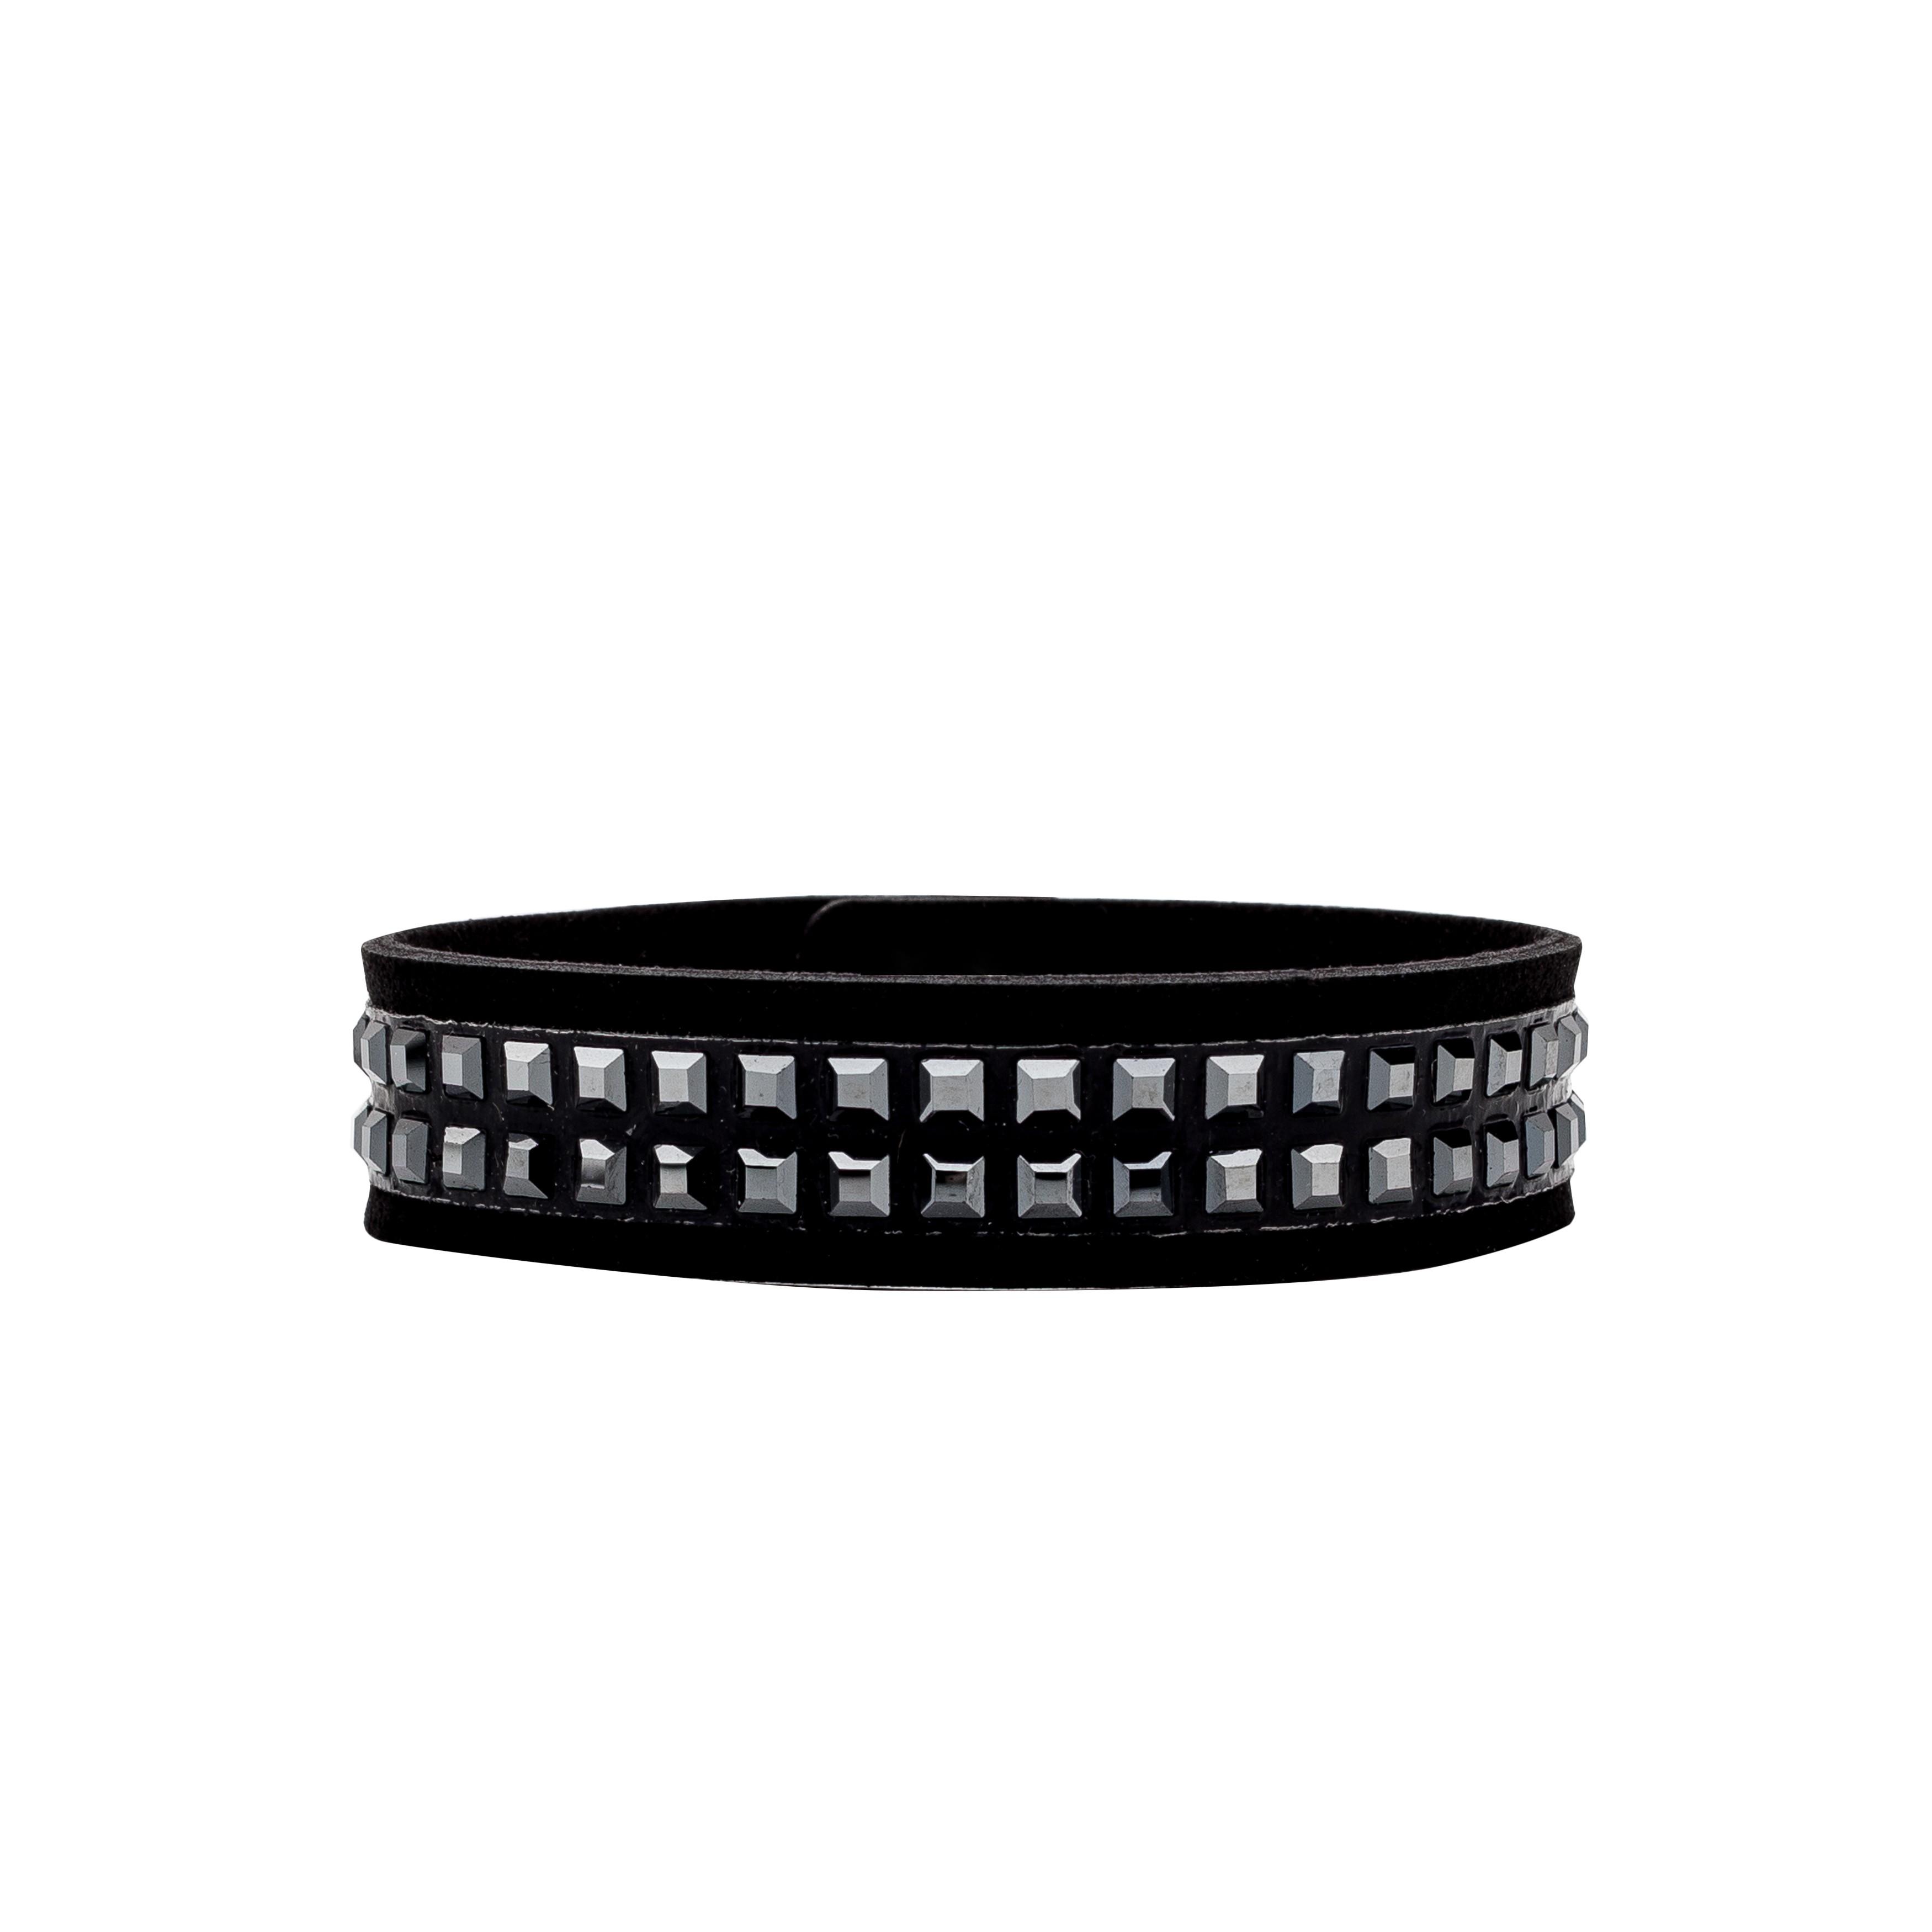 Italian Alcantara bracelet with Swarovski stones - MODEL 3